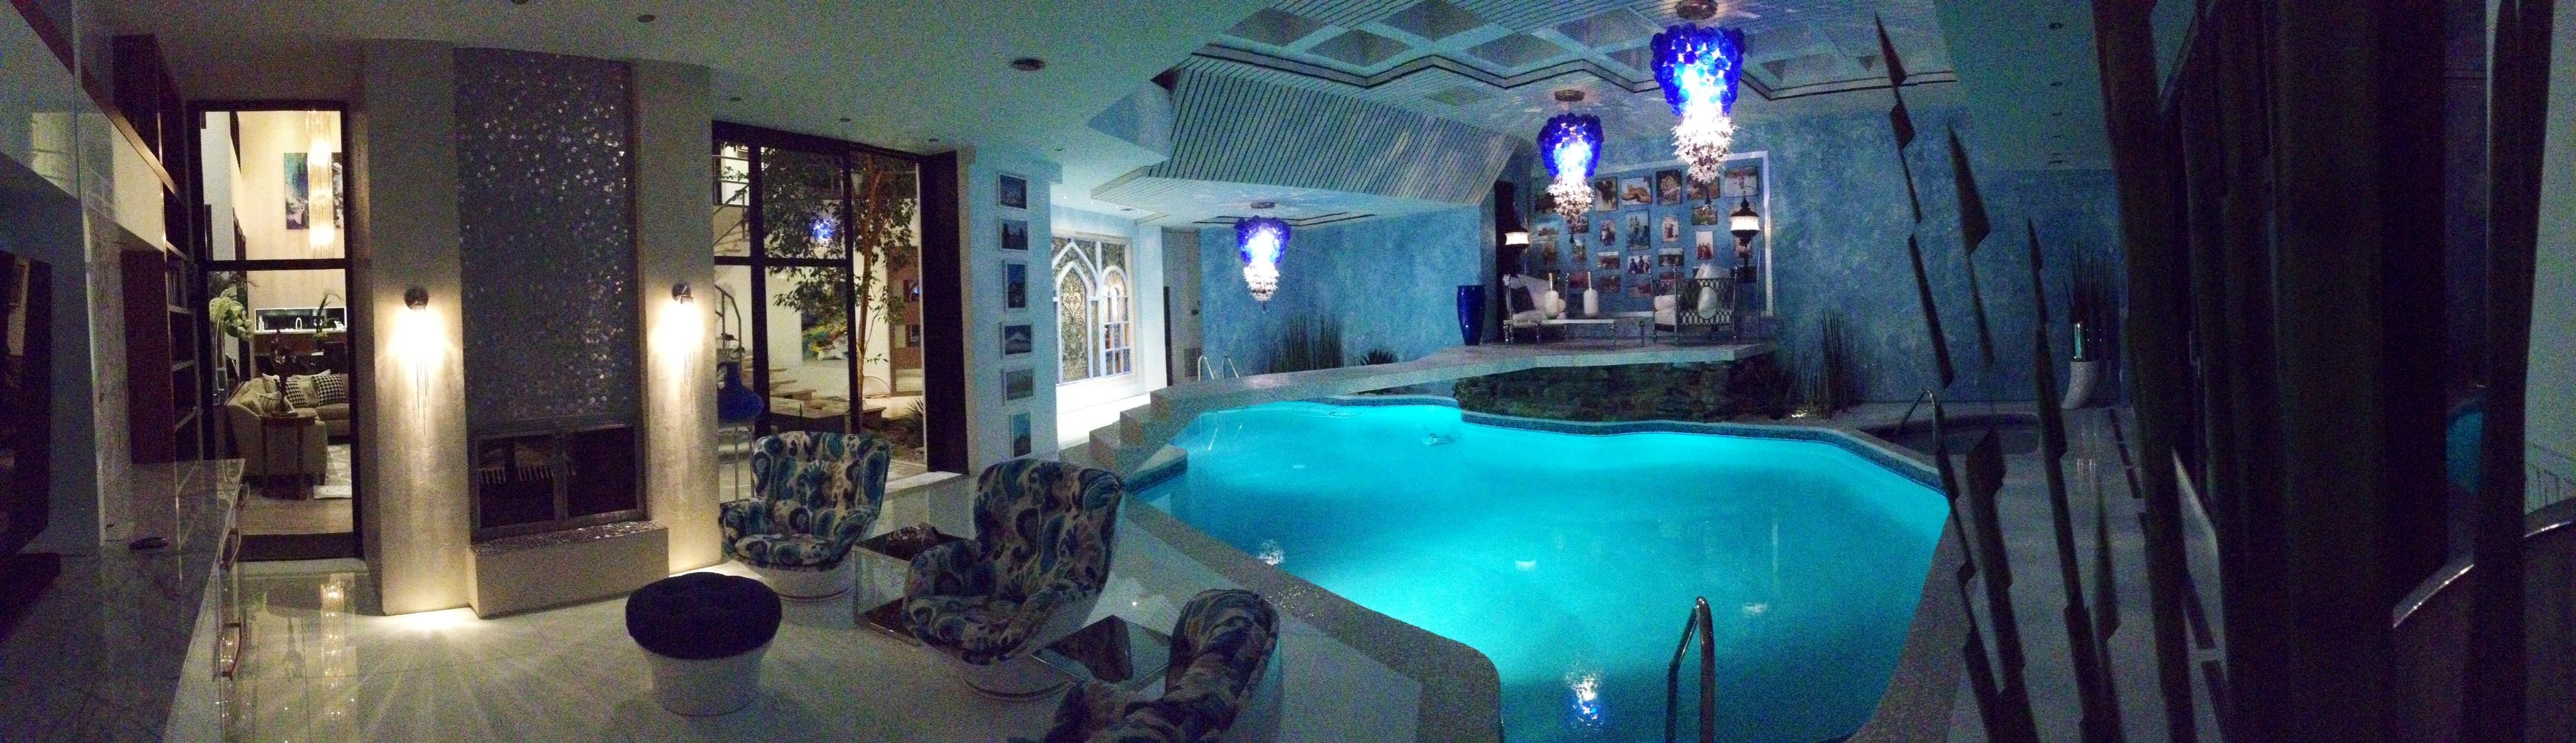 Panorama piscine.jpg